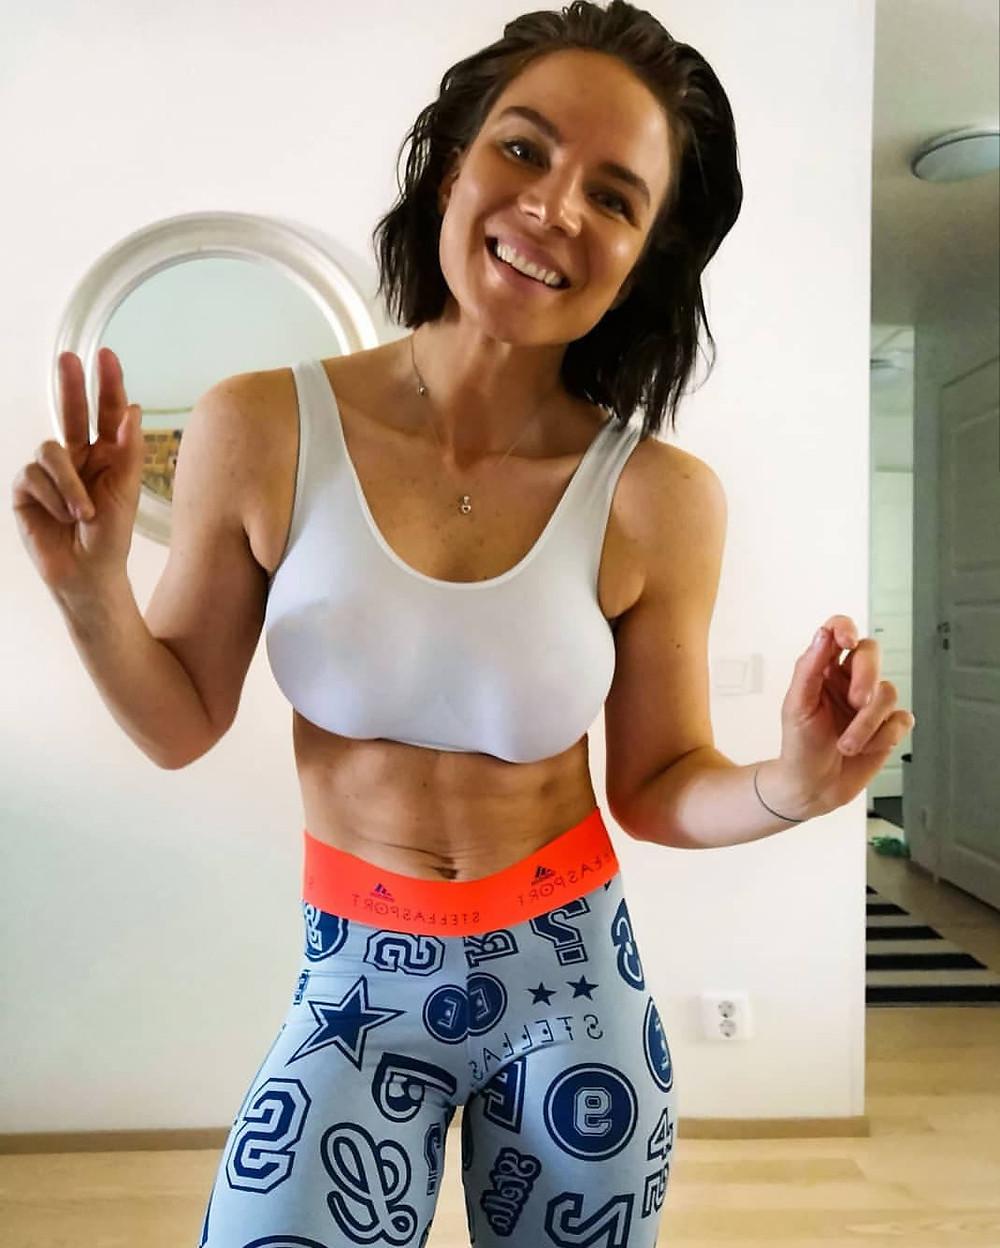 Katin henkilökohtainen Instagram-profiili tarjoilee treeni-inspiraatiota ja positiivista energiaa.